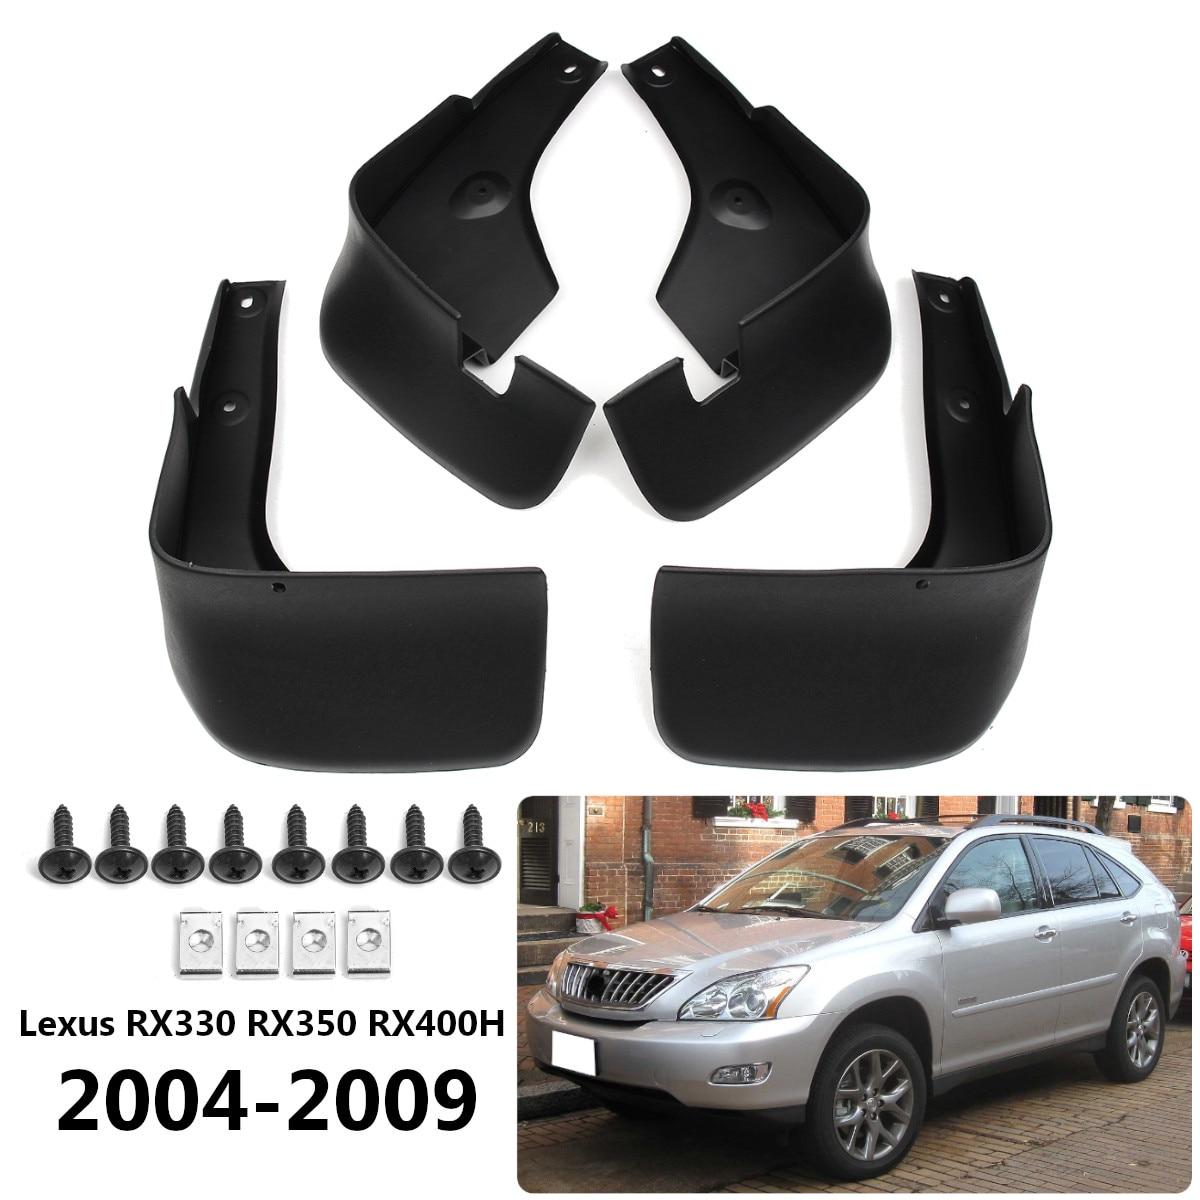 Vorne Hinten Auto Schlamm Flaps Für Lexus RX330 RX350 RX400H 2004-2009 Schmutzfänger Kotflügel Spritzen-schutz Fender Zubehör